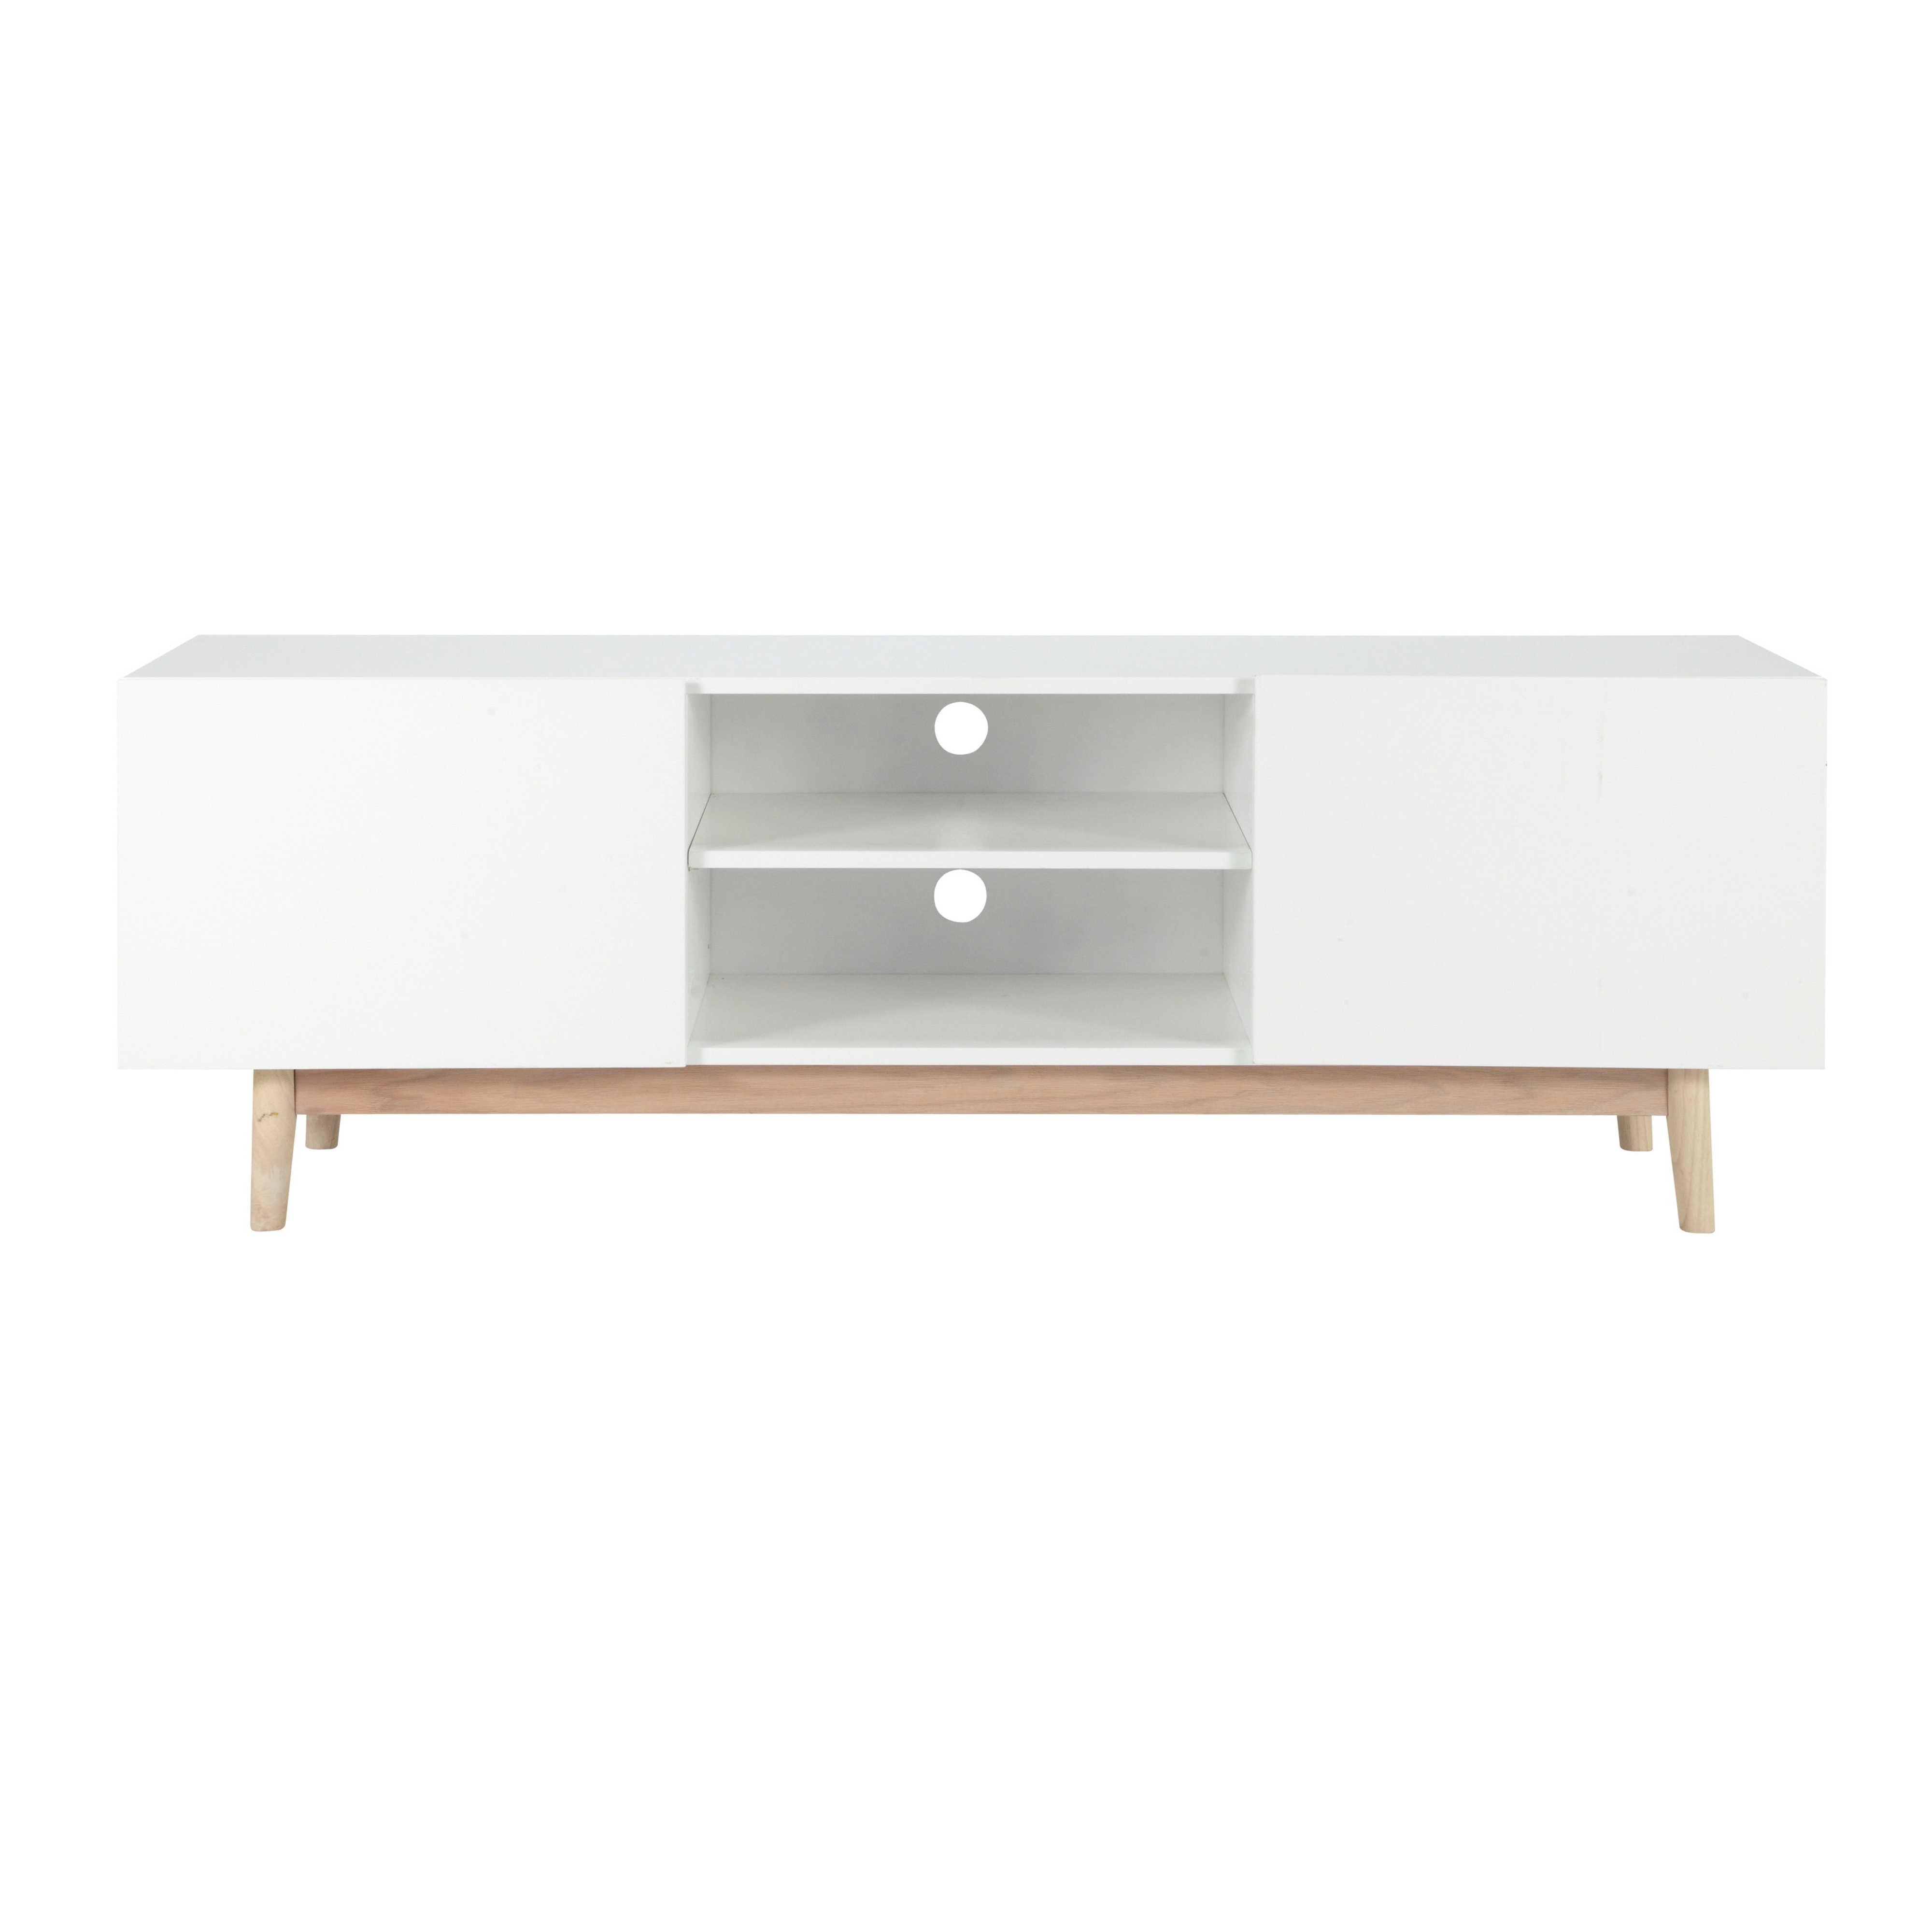 Meuble Tv Tres Fin Mobilier Design D Coration D Int Rieur # Meuble Tv Bois Et Fer Design